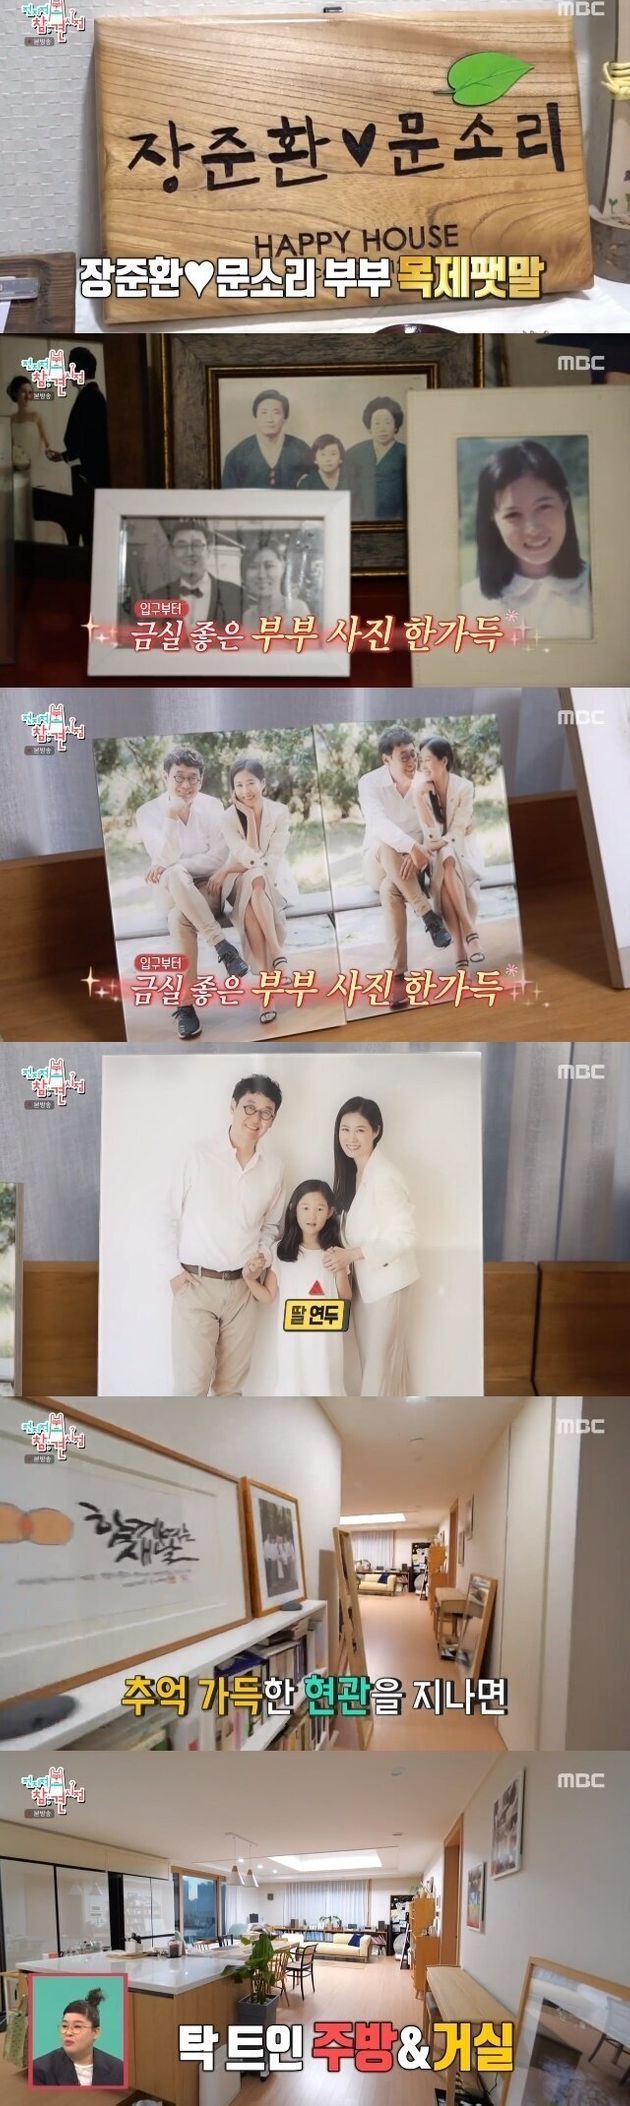 MBC '전지적 참견 시점' 화면 캡처 문소리